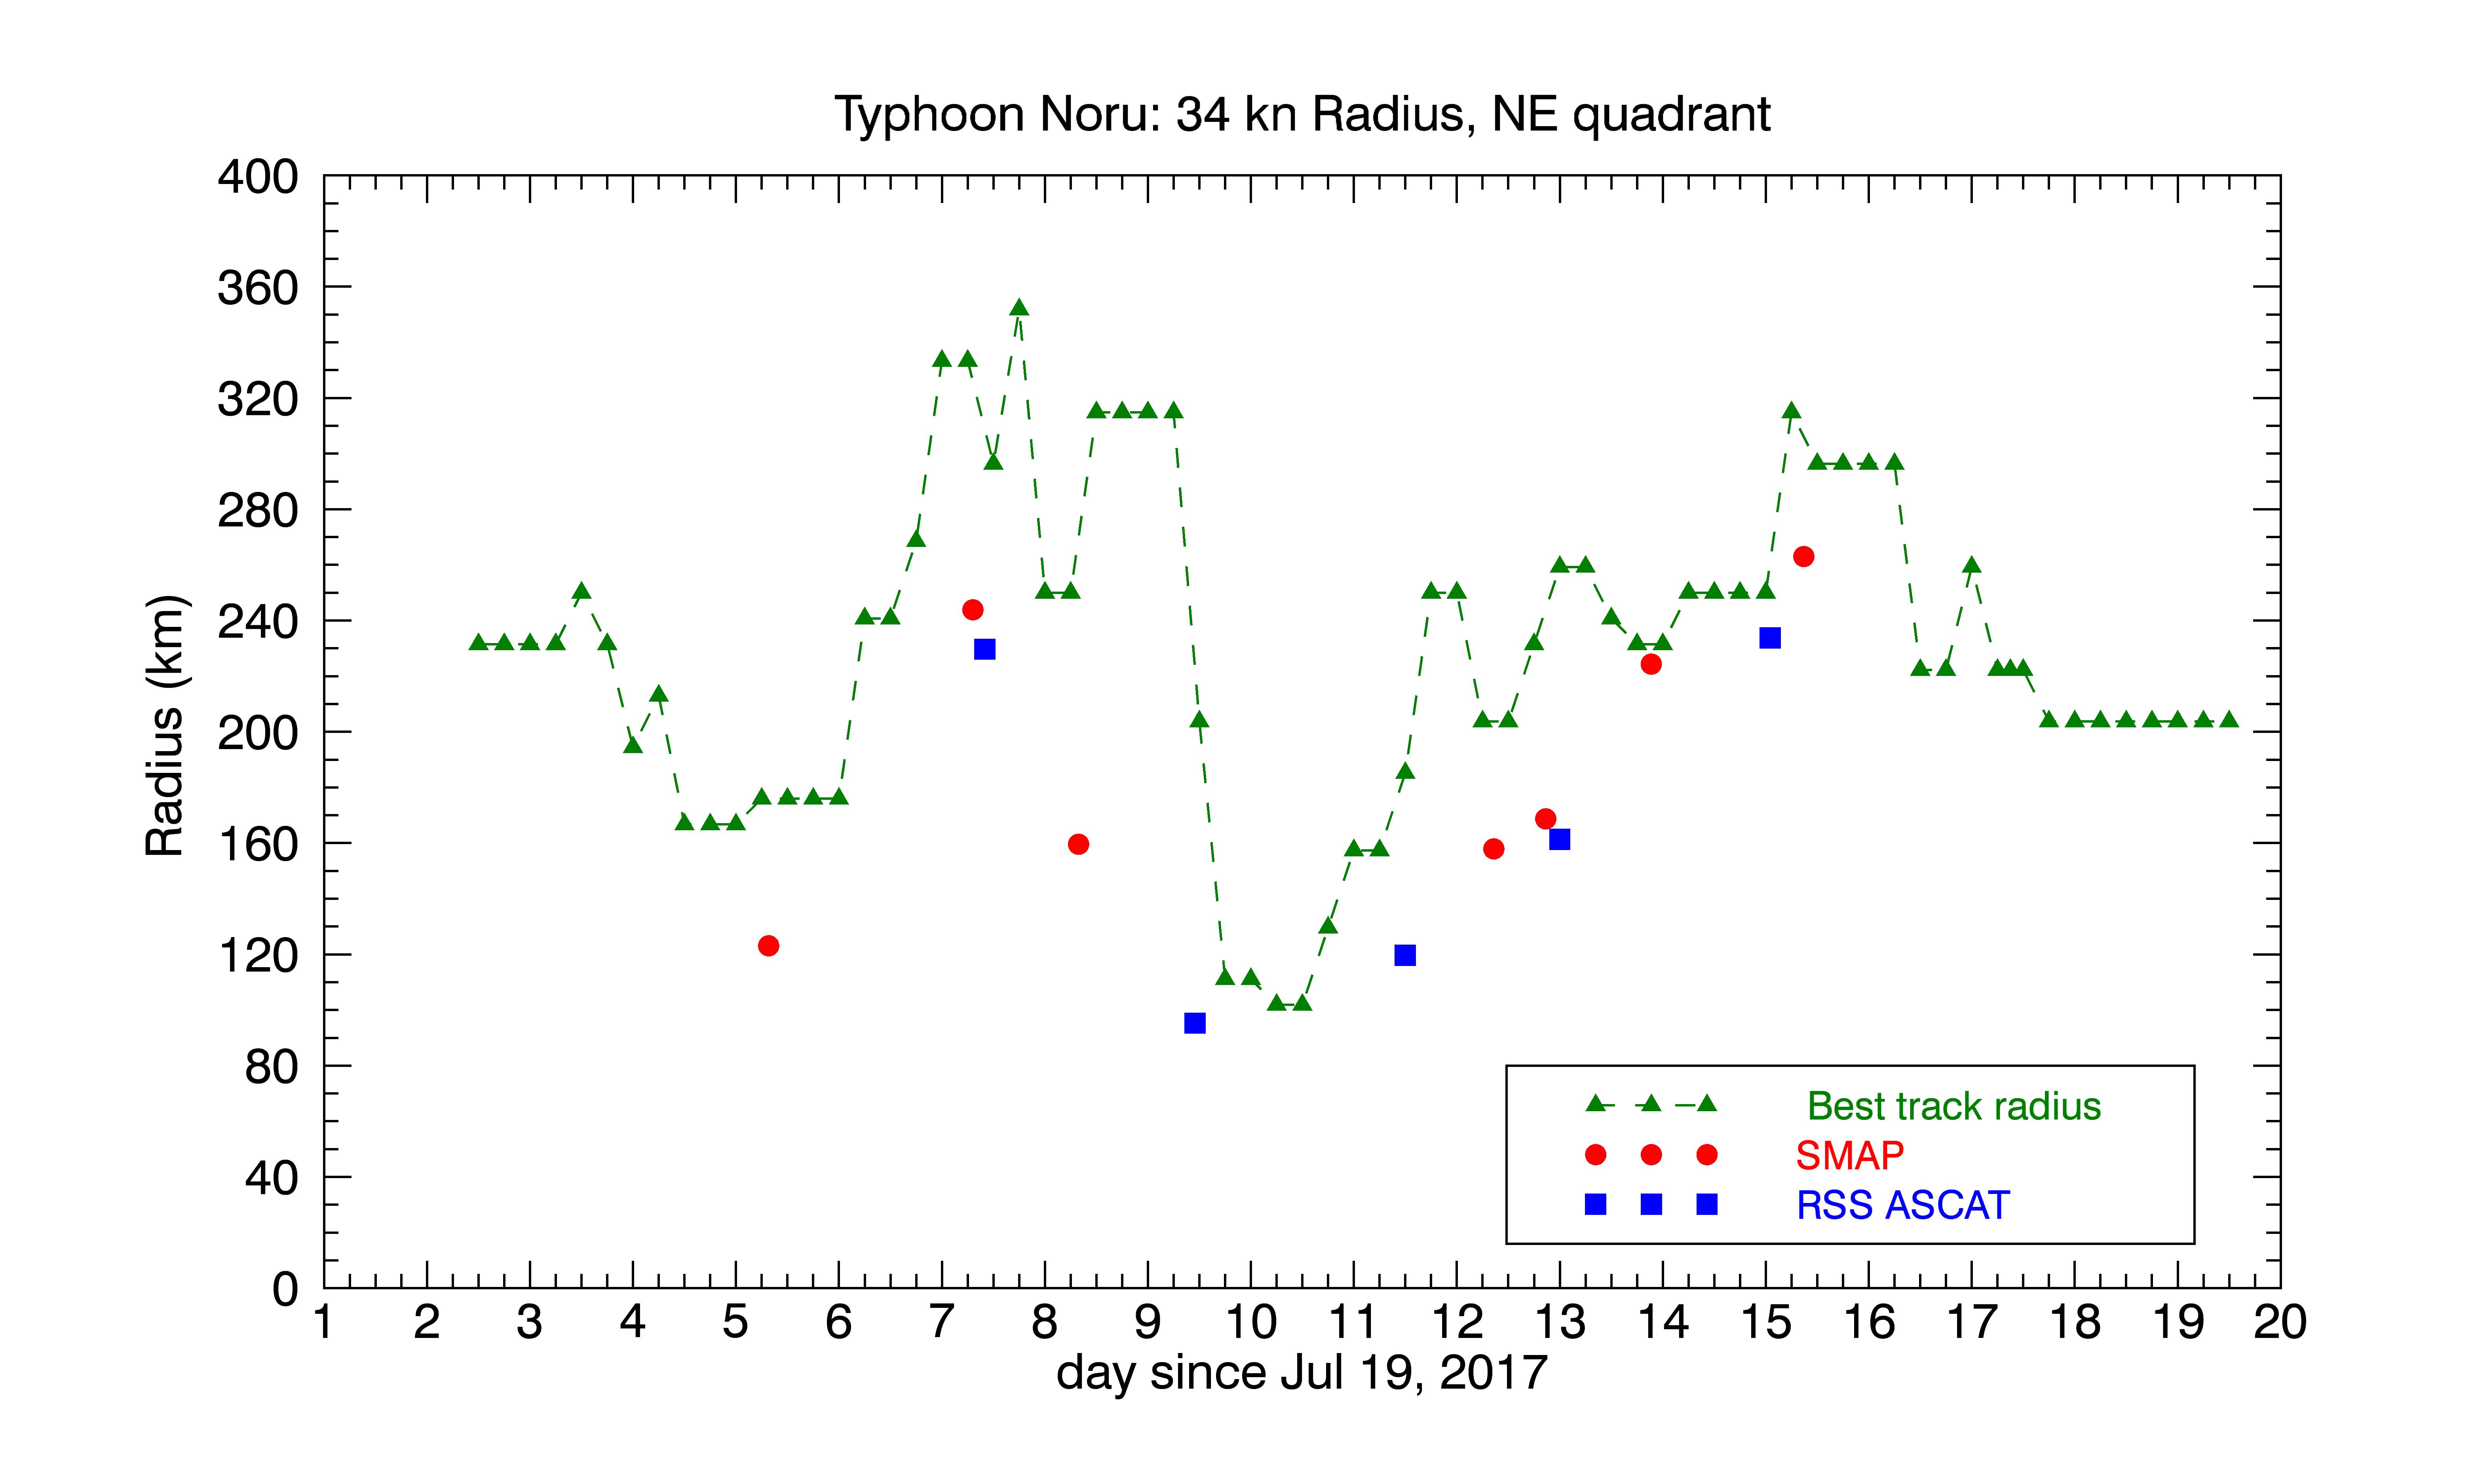 Noru radii of 34 kn winds